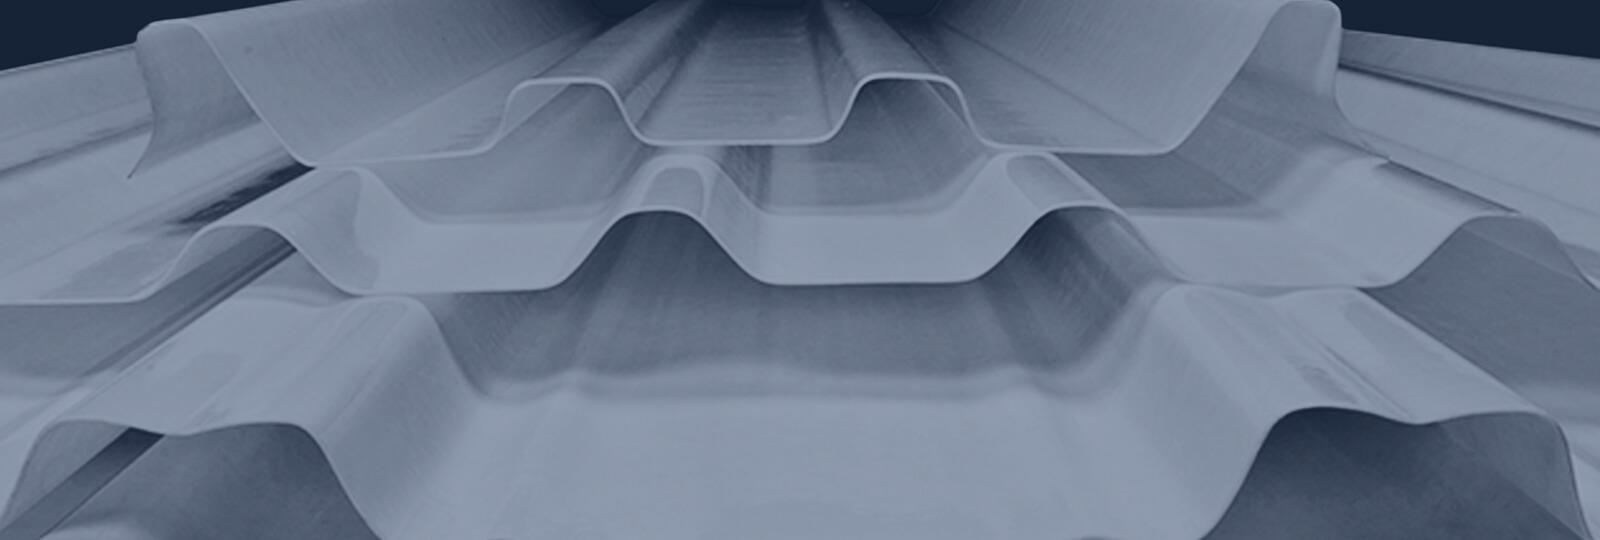 acrylit-lamina-traslucida